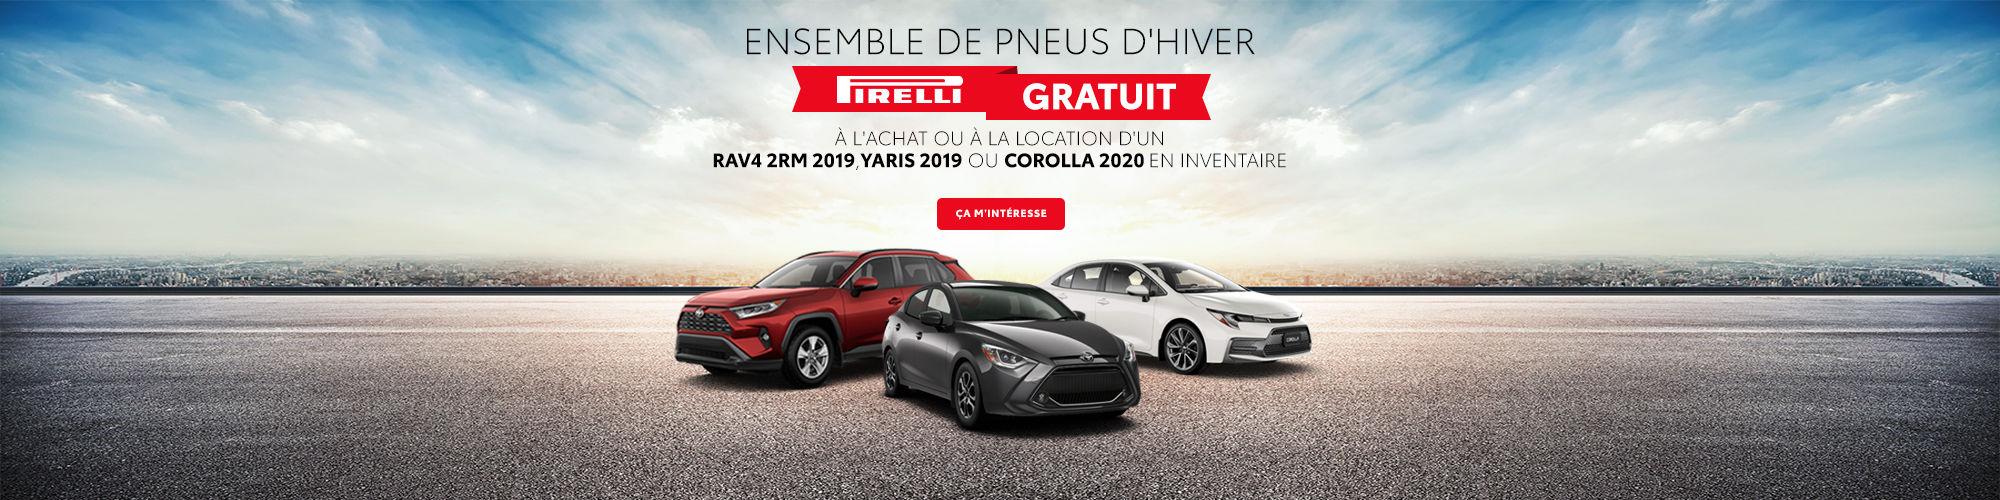 Ensemble de pneus d'hiver Pirelli Gratuit